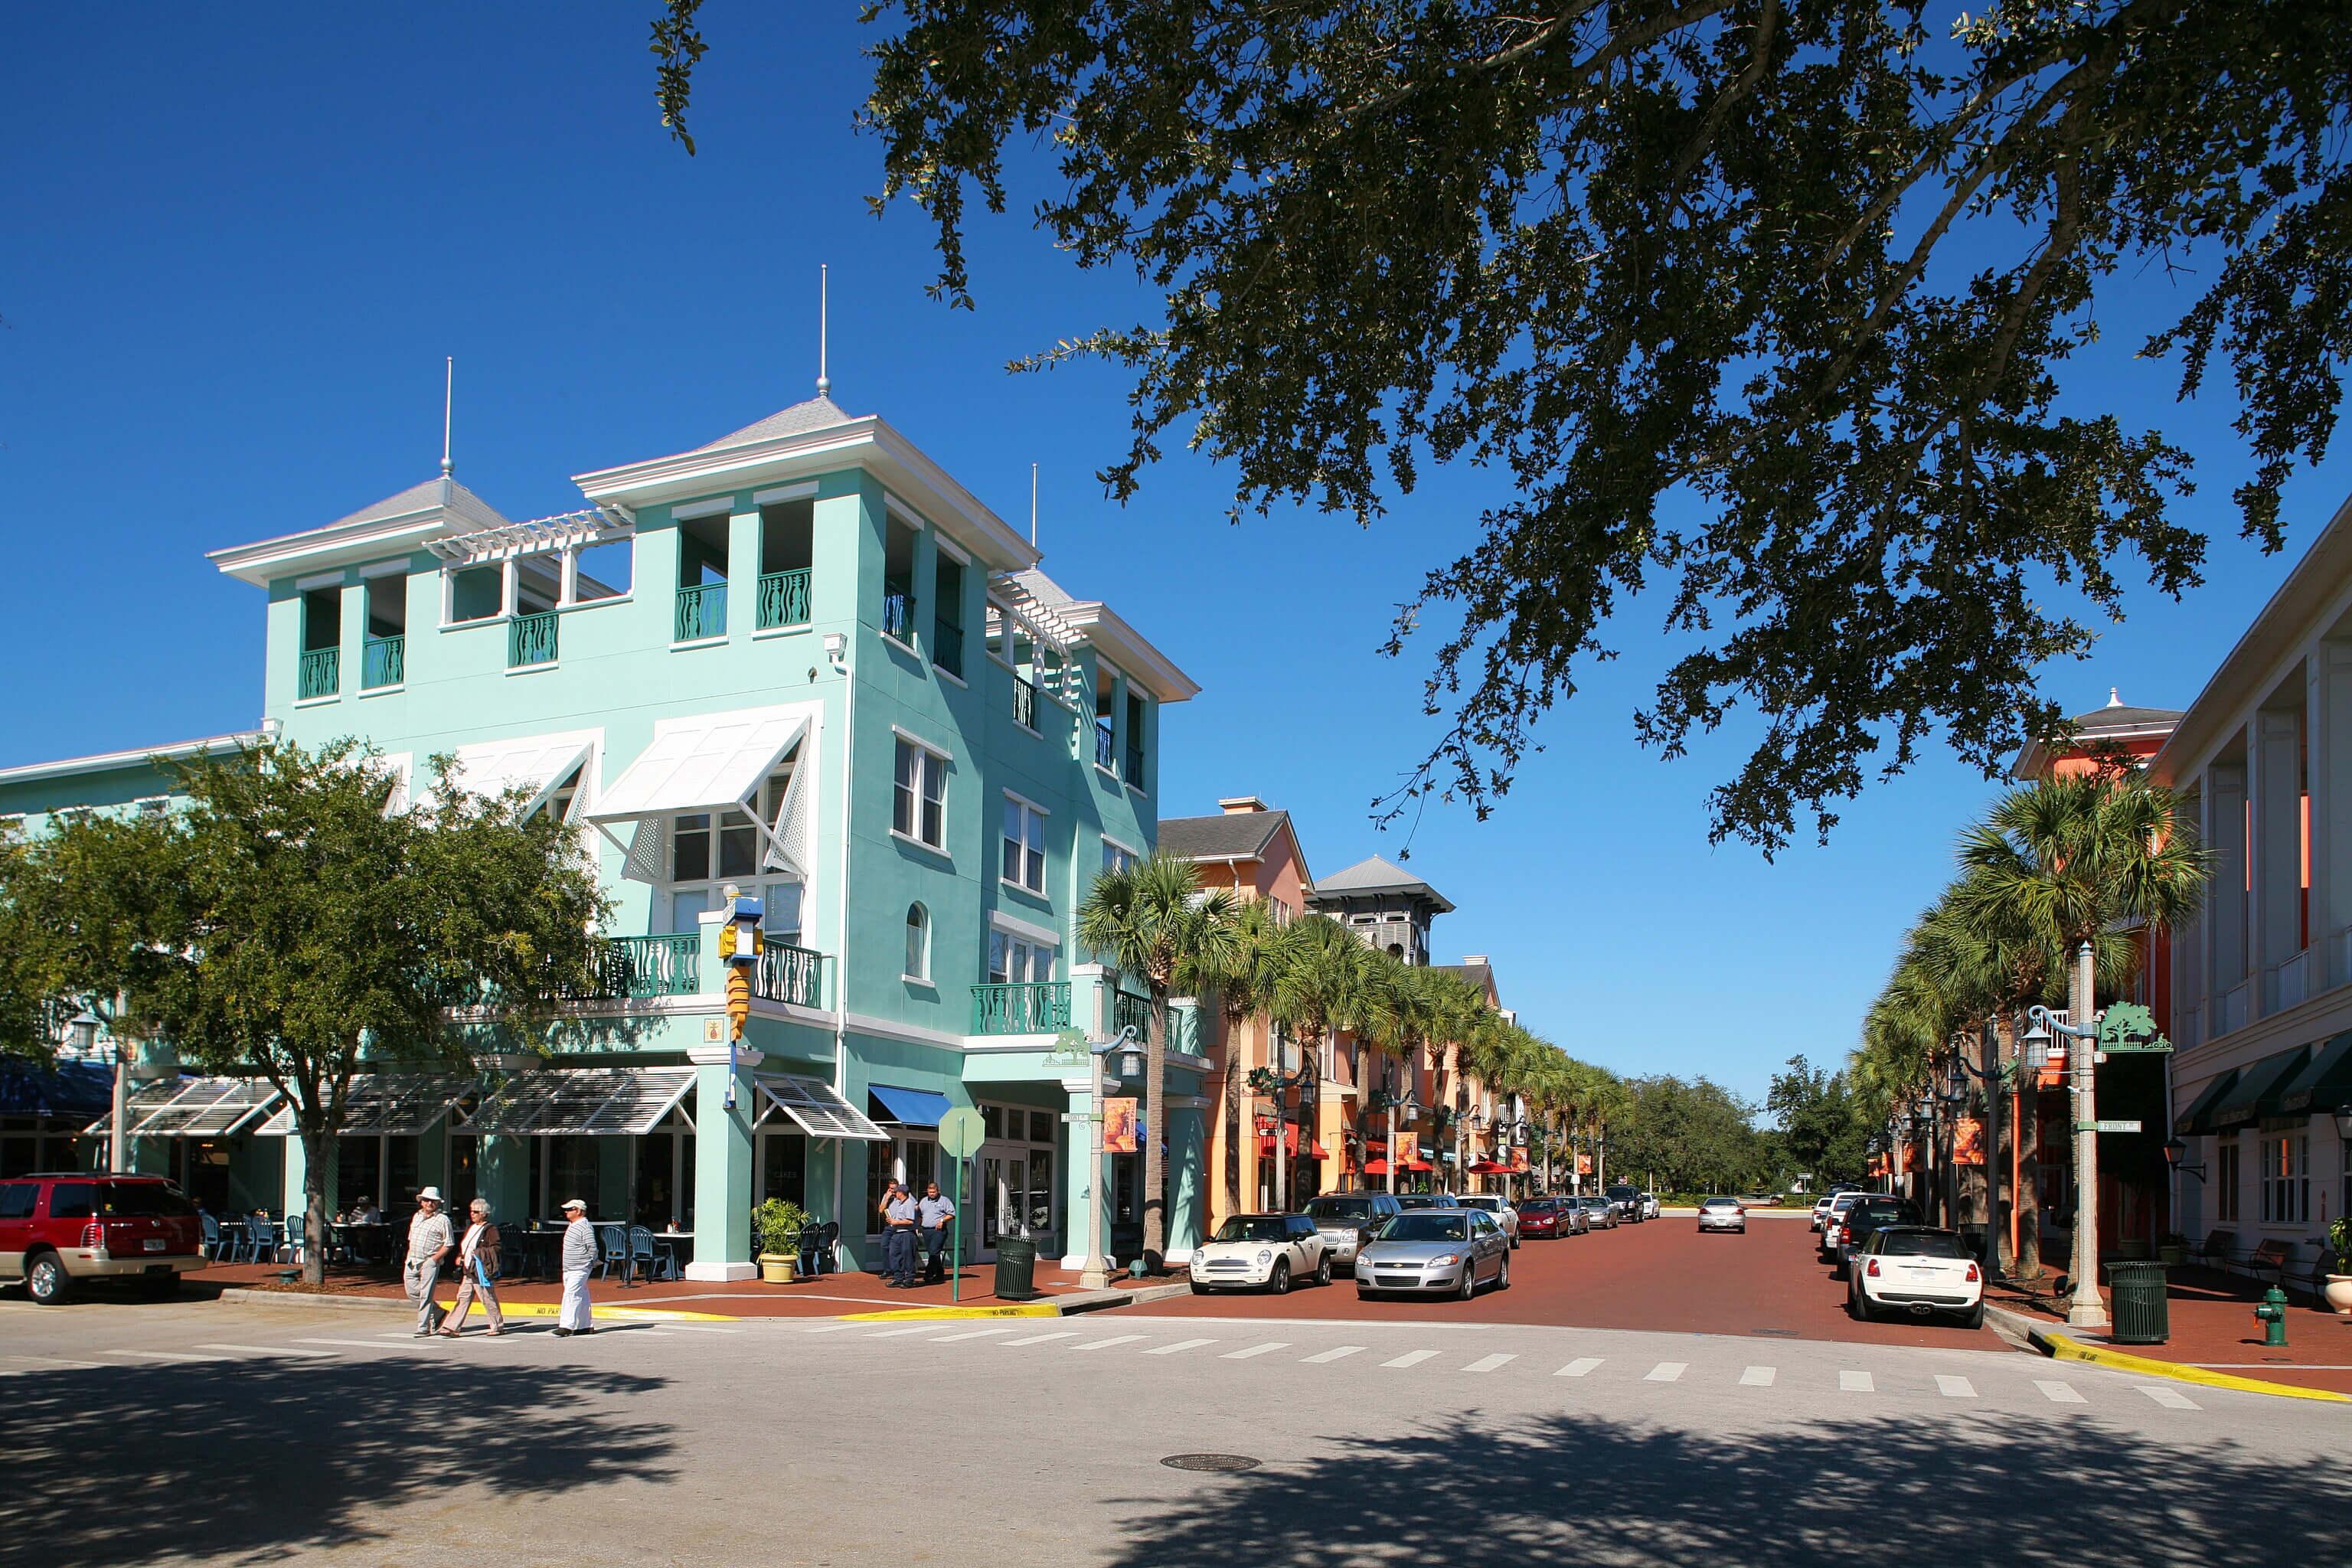 Pontos turísticos em Kissimmee: Celebration